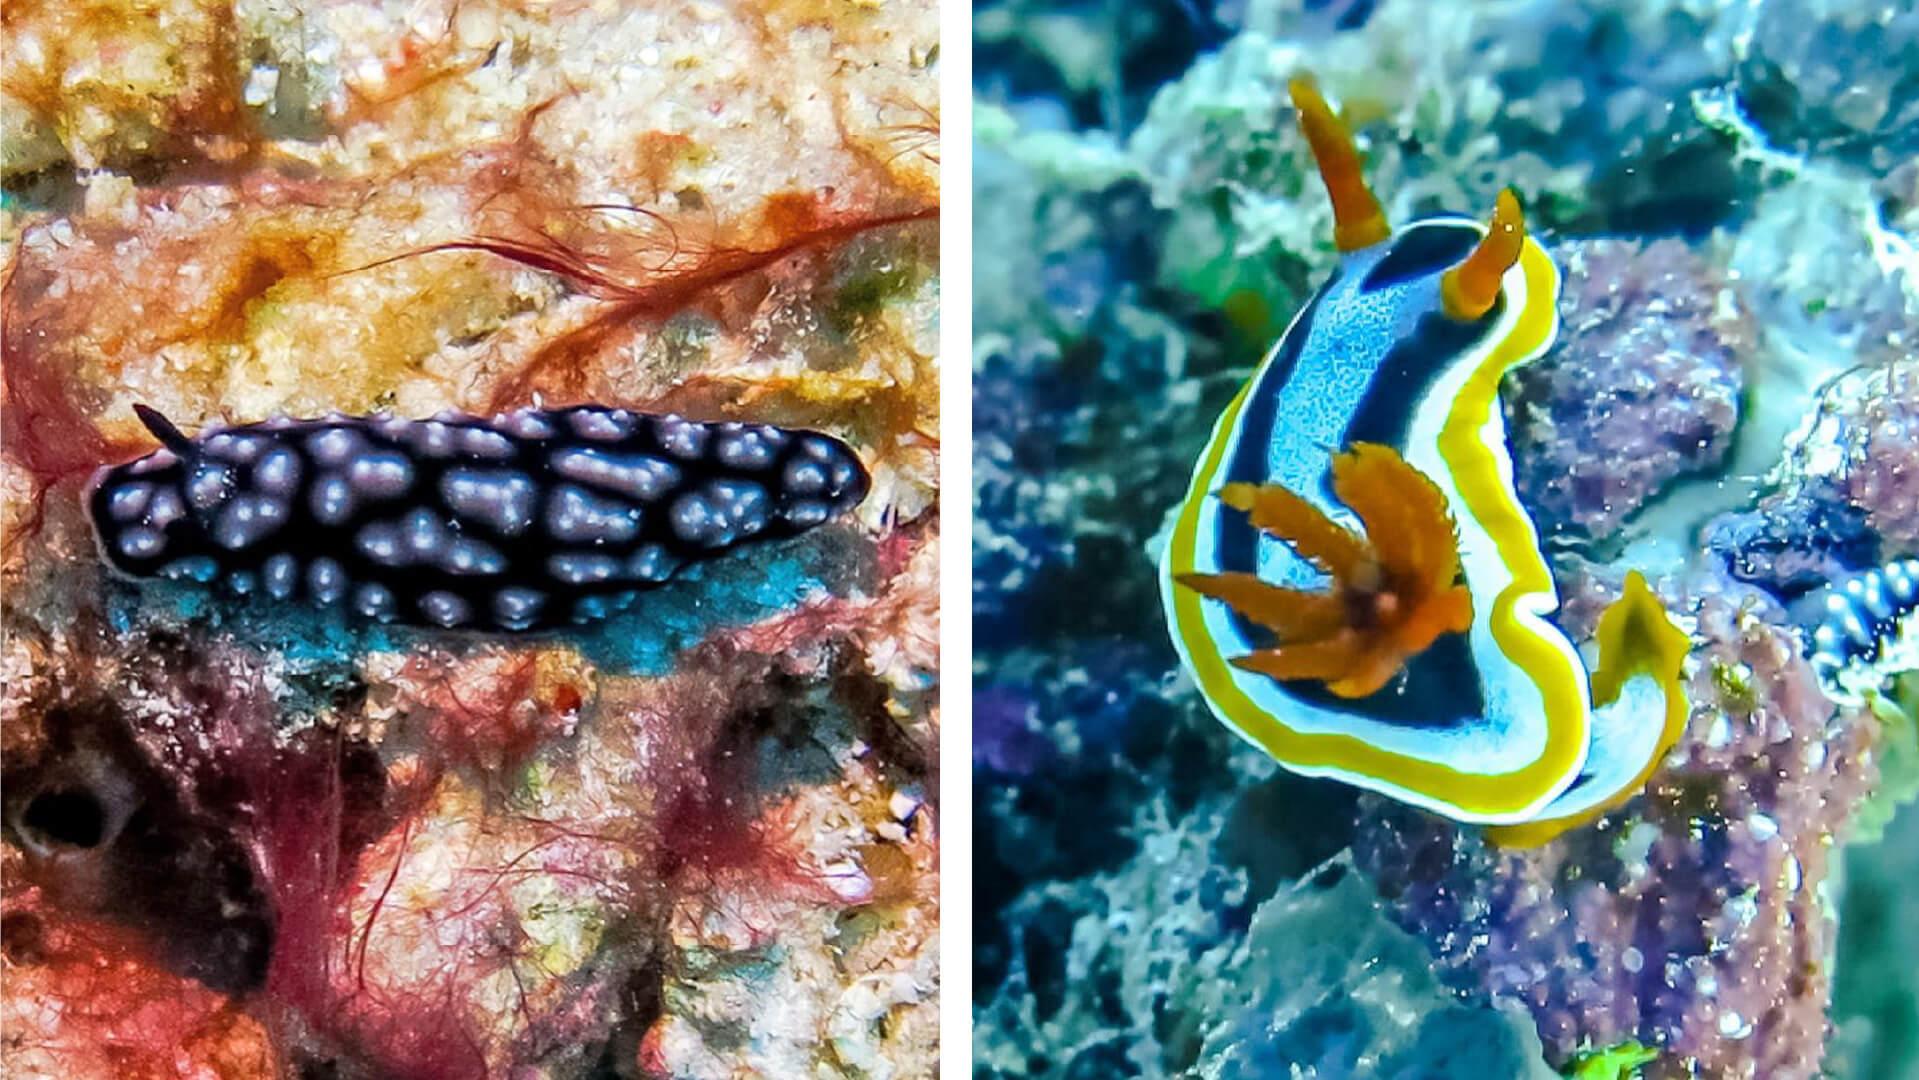 nudibranchs raja ampat